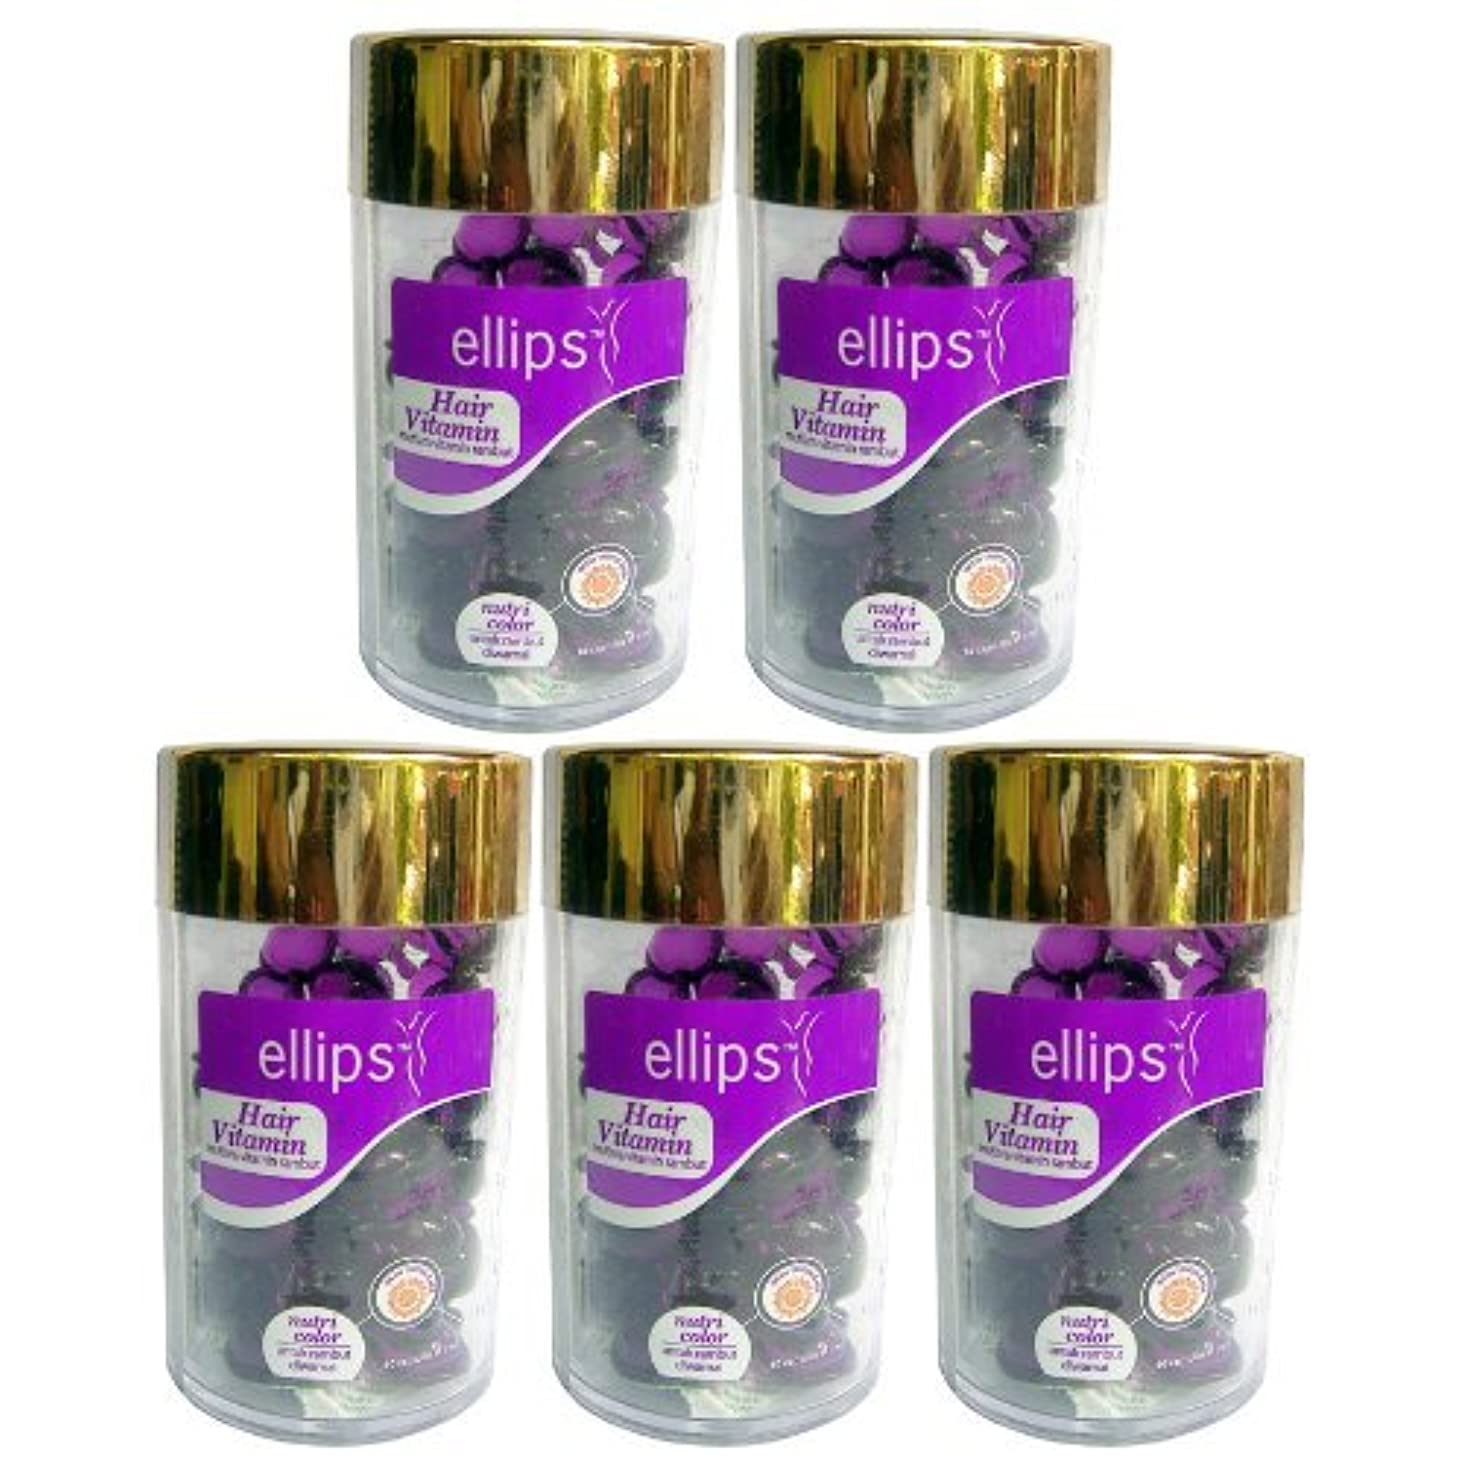 腕カカドゥ郵便屋さんEllips(エリプス)ヘアビタミン(50粒入)5個セット [並行輸入品][海外直送品] パープル